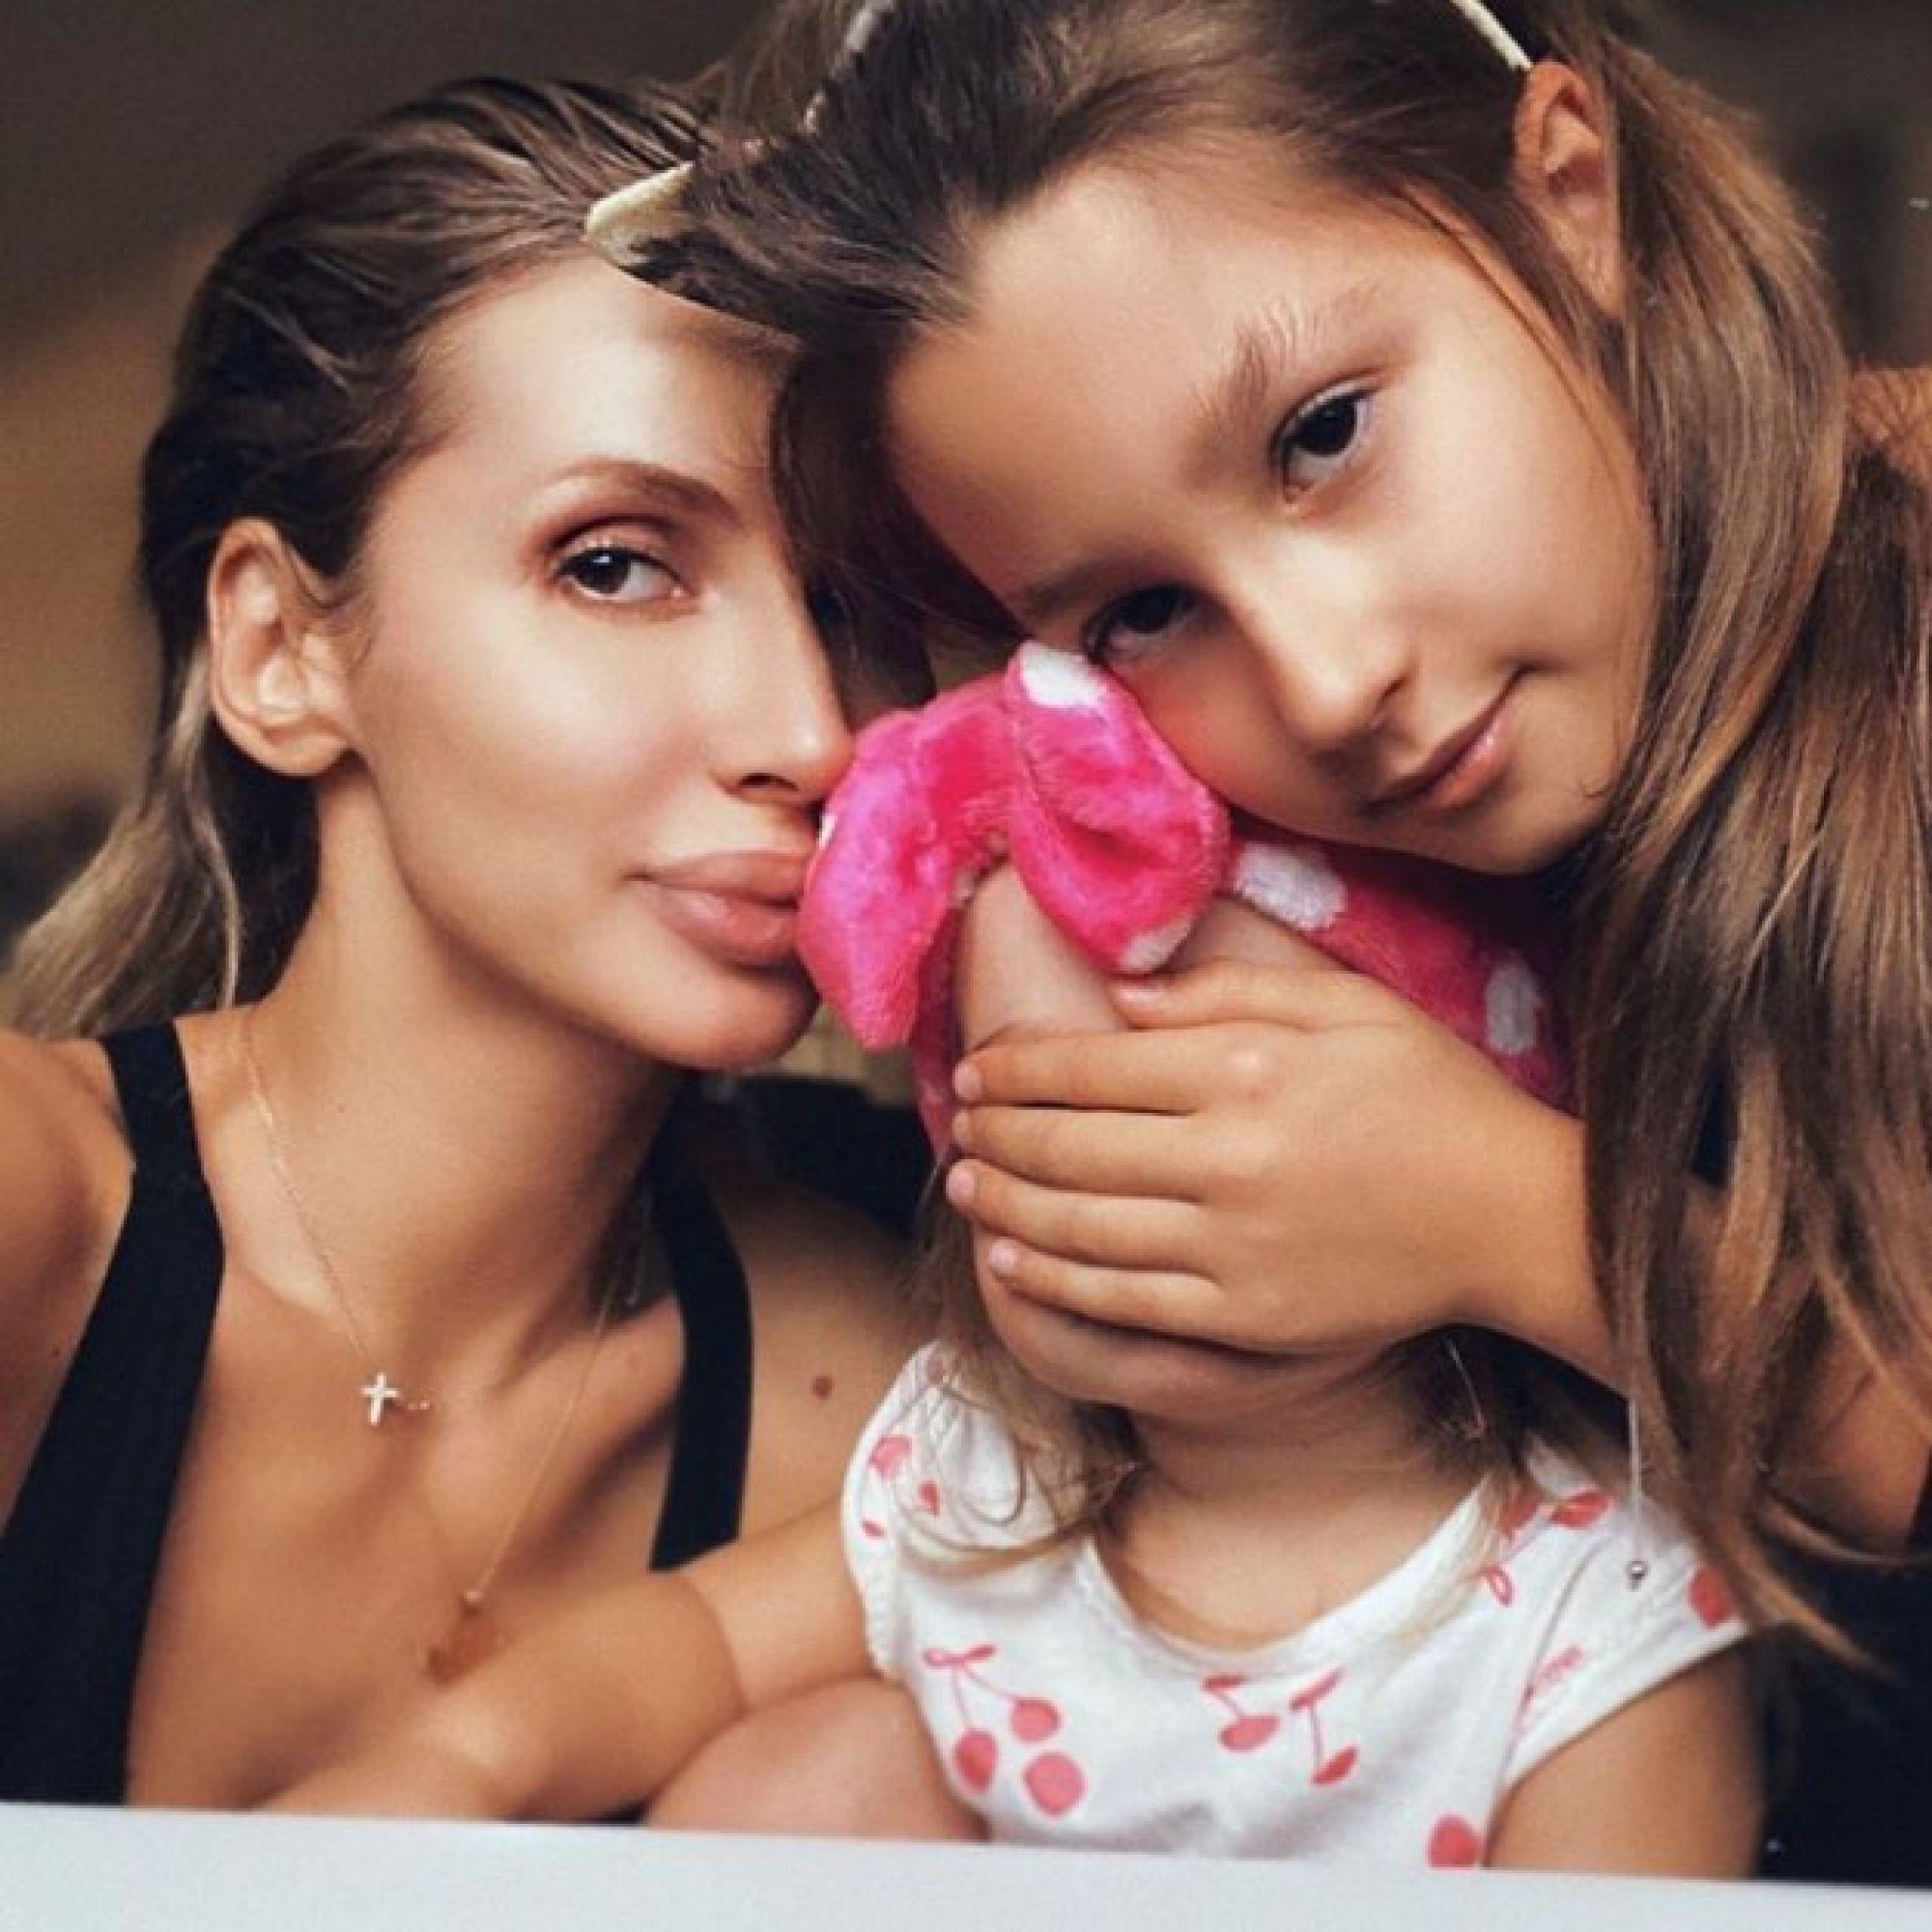 Светлана Лобода умилила поклонников фотографиями с дочерью во время просмотра советских фильмов